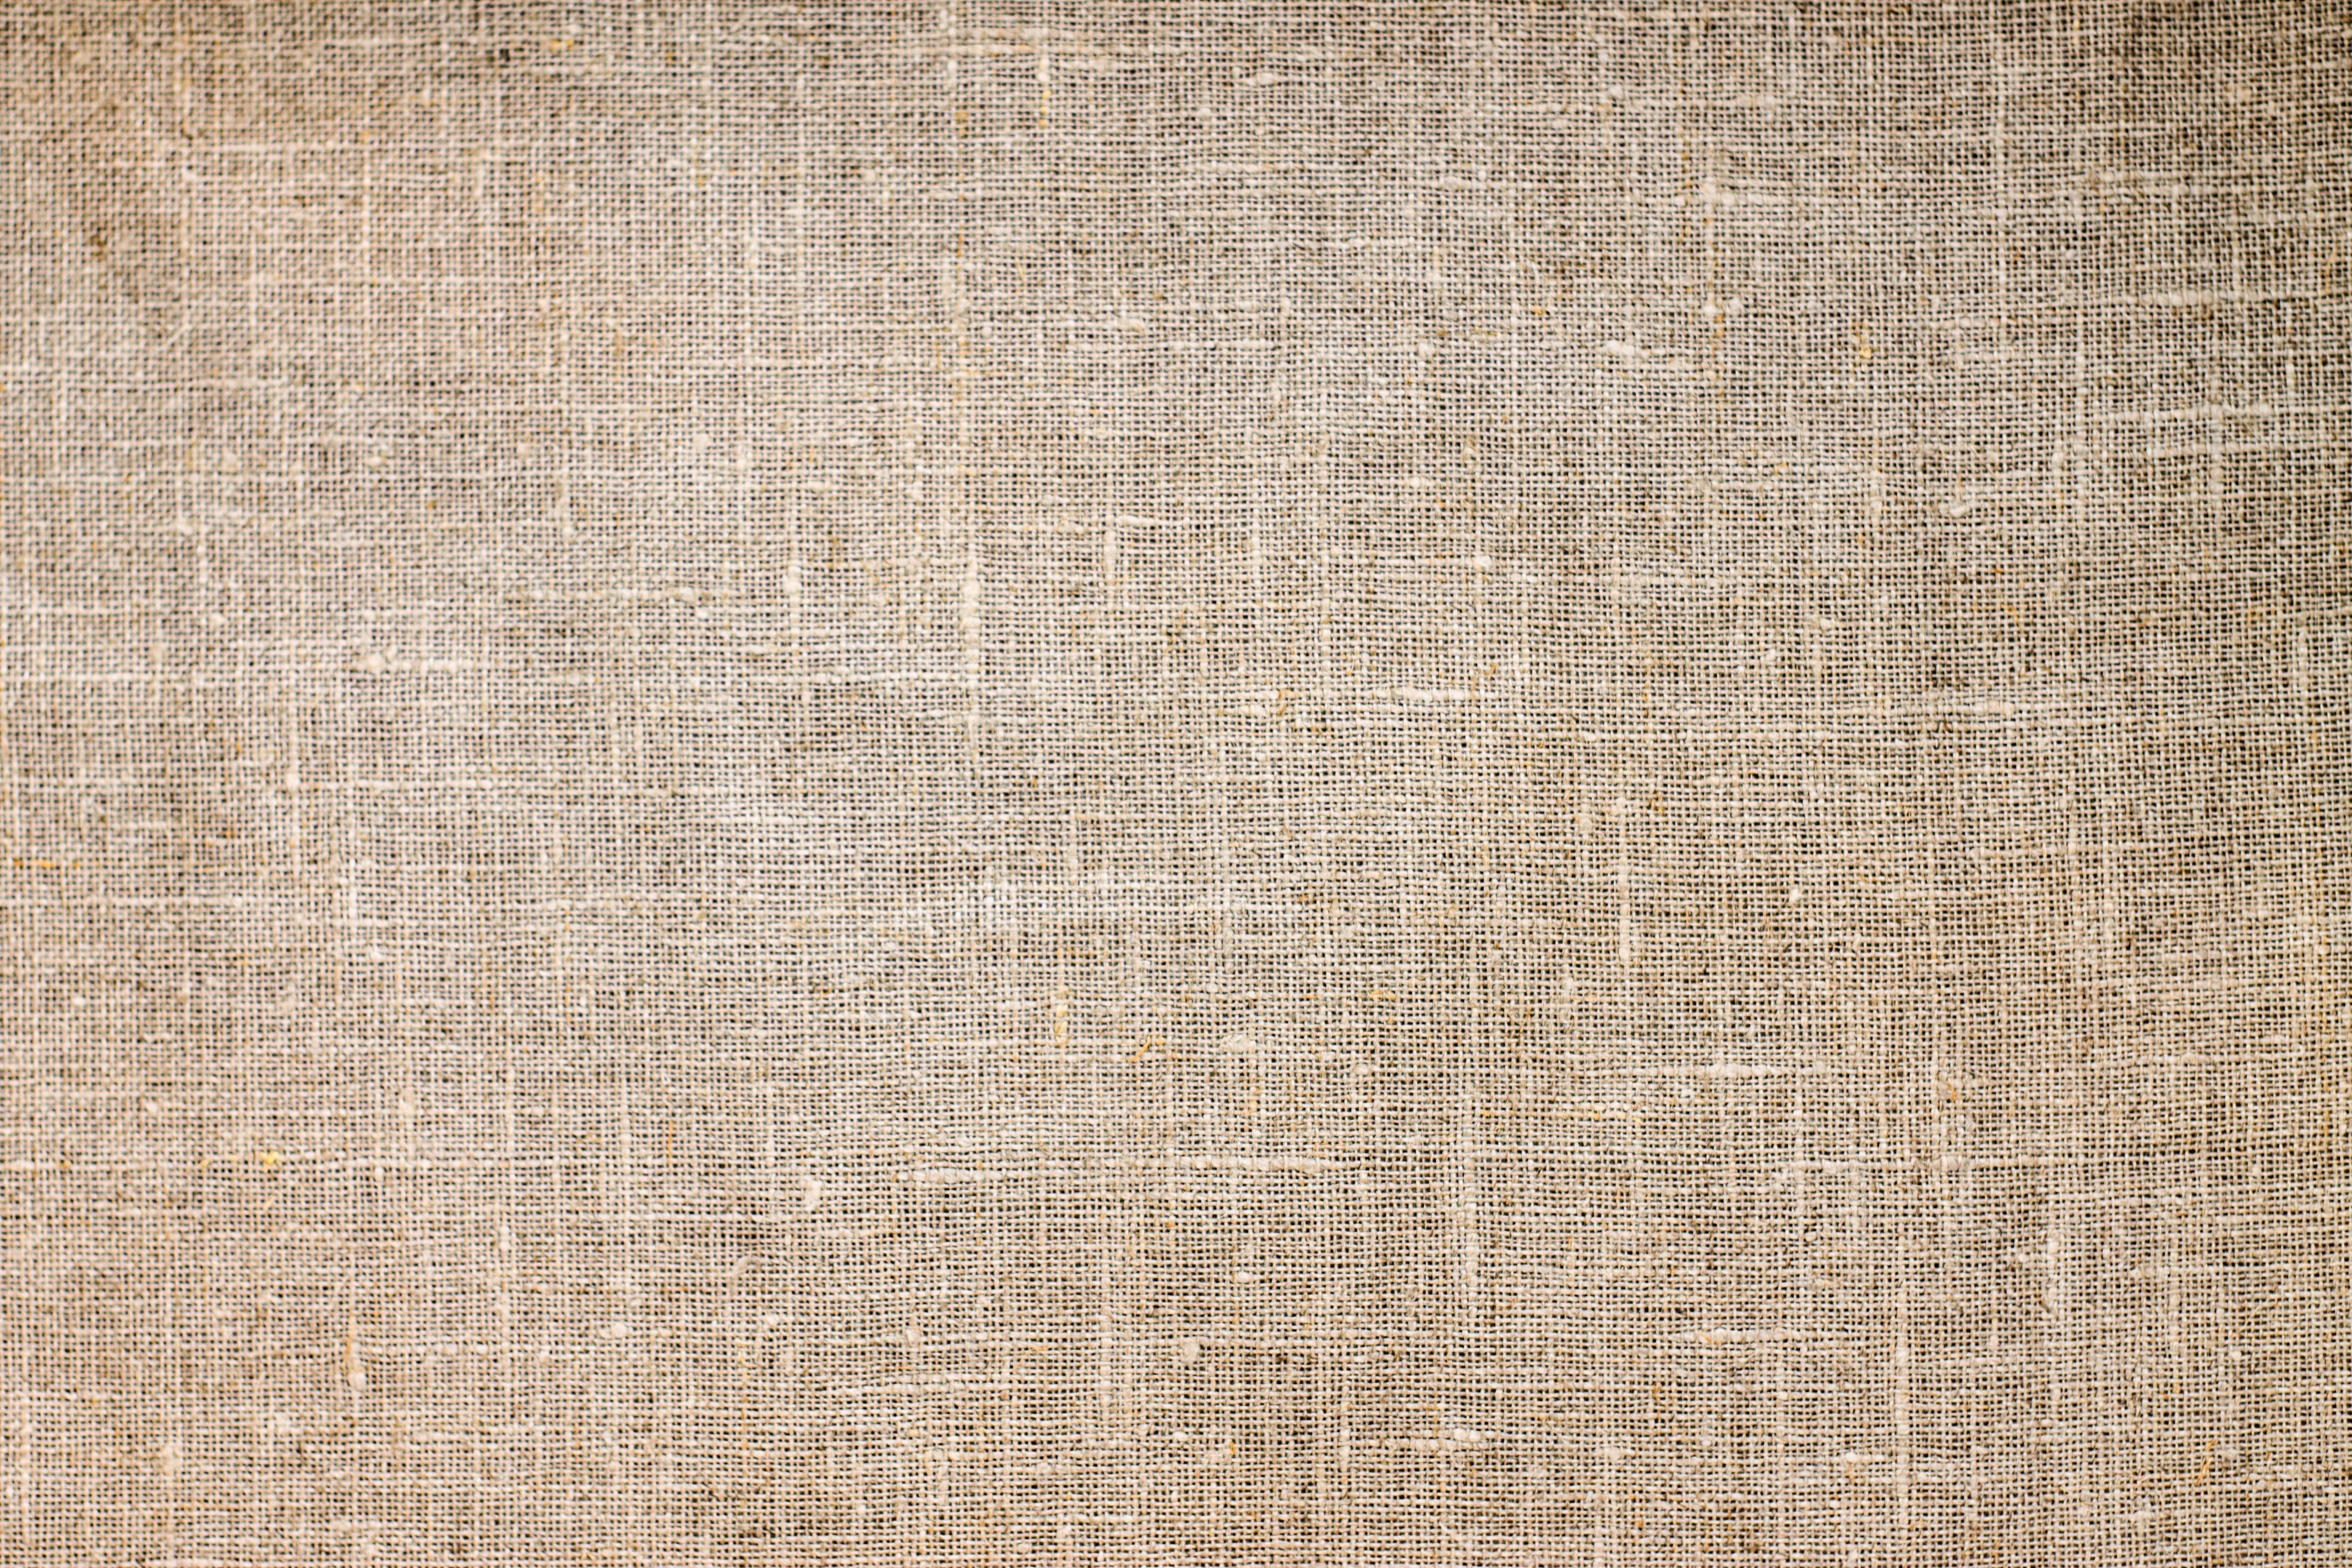 Music Girls Wallpaper Hd 1920x1080 Fabric Texture Pattern 5k Hd Artist 4k Wallpapers